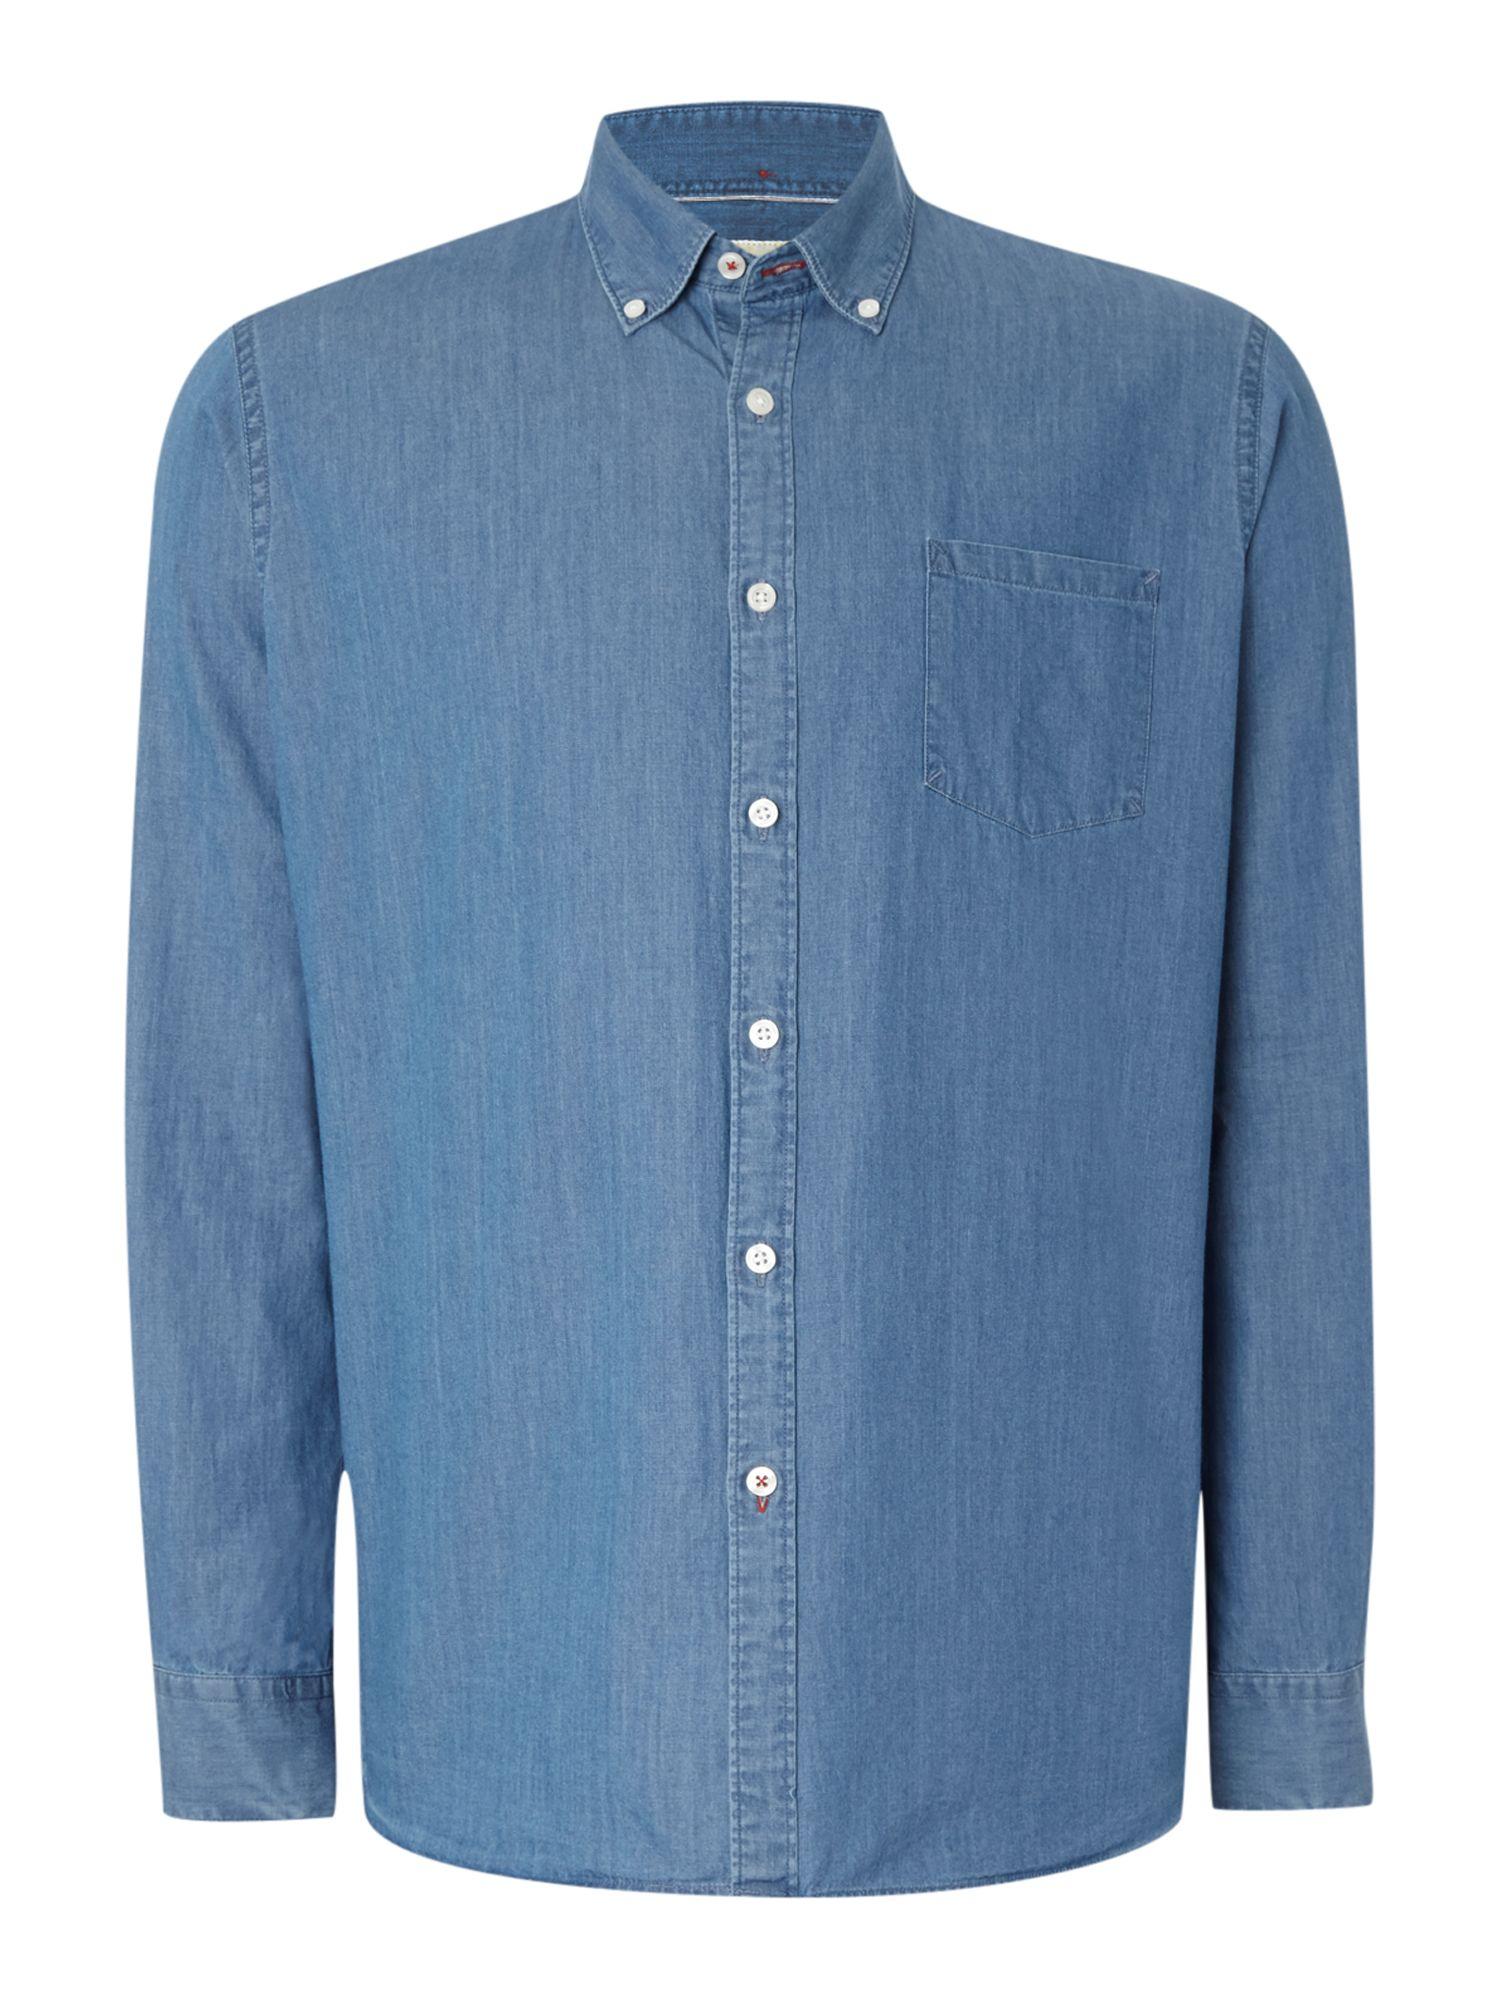 Tm lewin denim button down casual shirt in blue for men lyst for Denim button down shirts